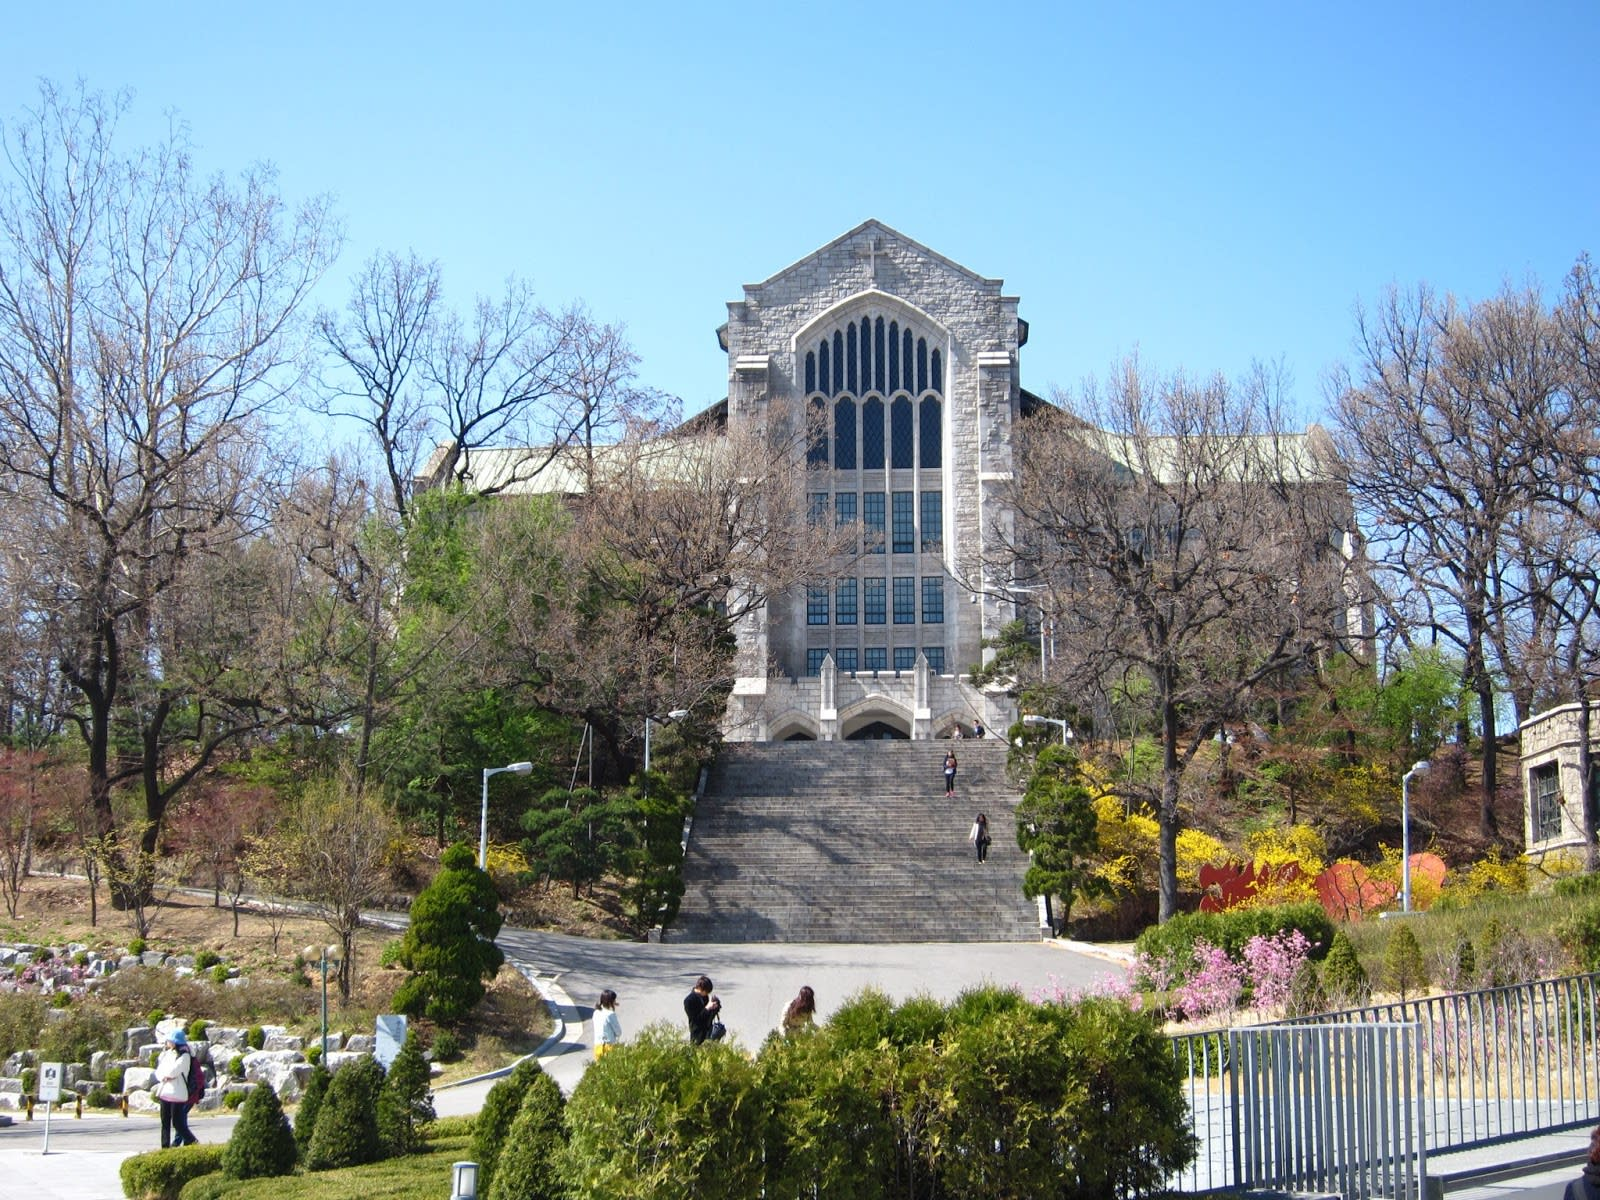 冬 季 的 梨 花 女 子 大 學 ( 圖 片 來 源 : goo.gl/l4qg58 )